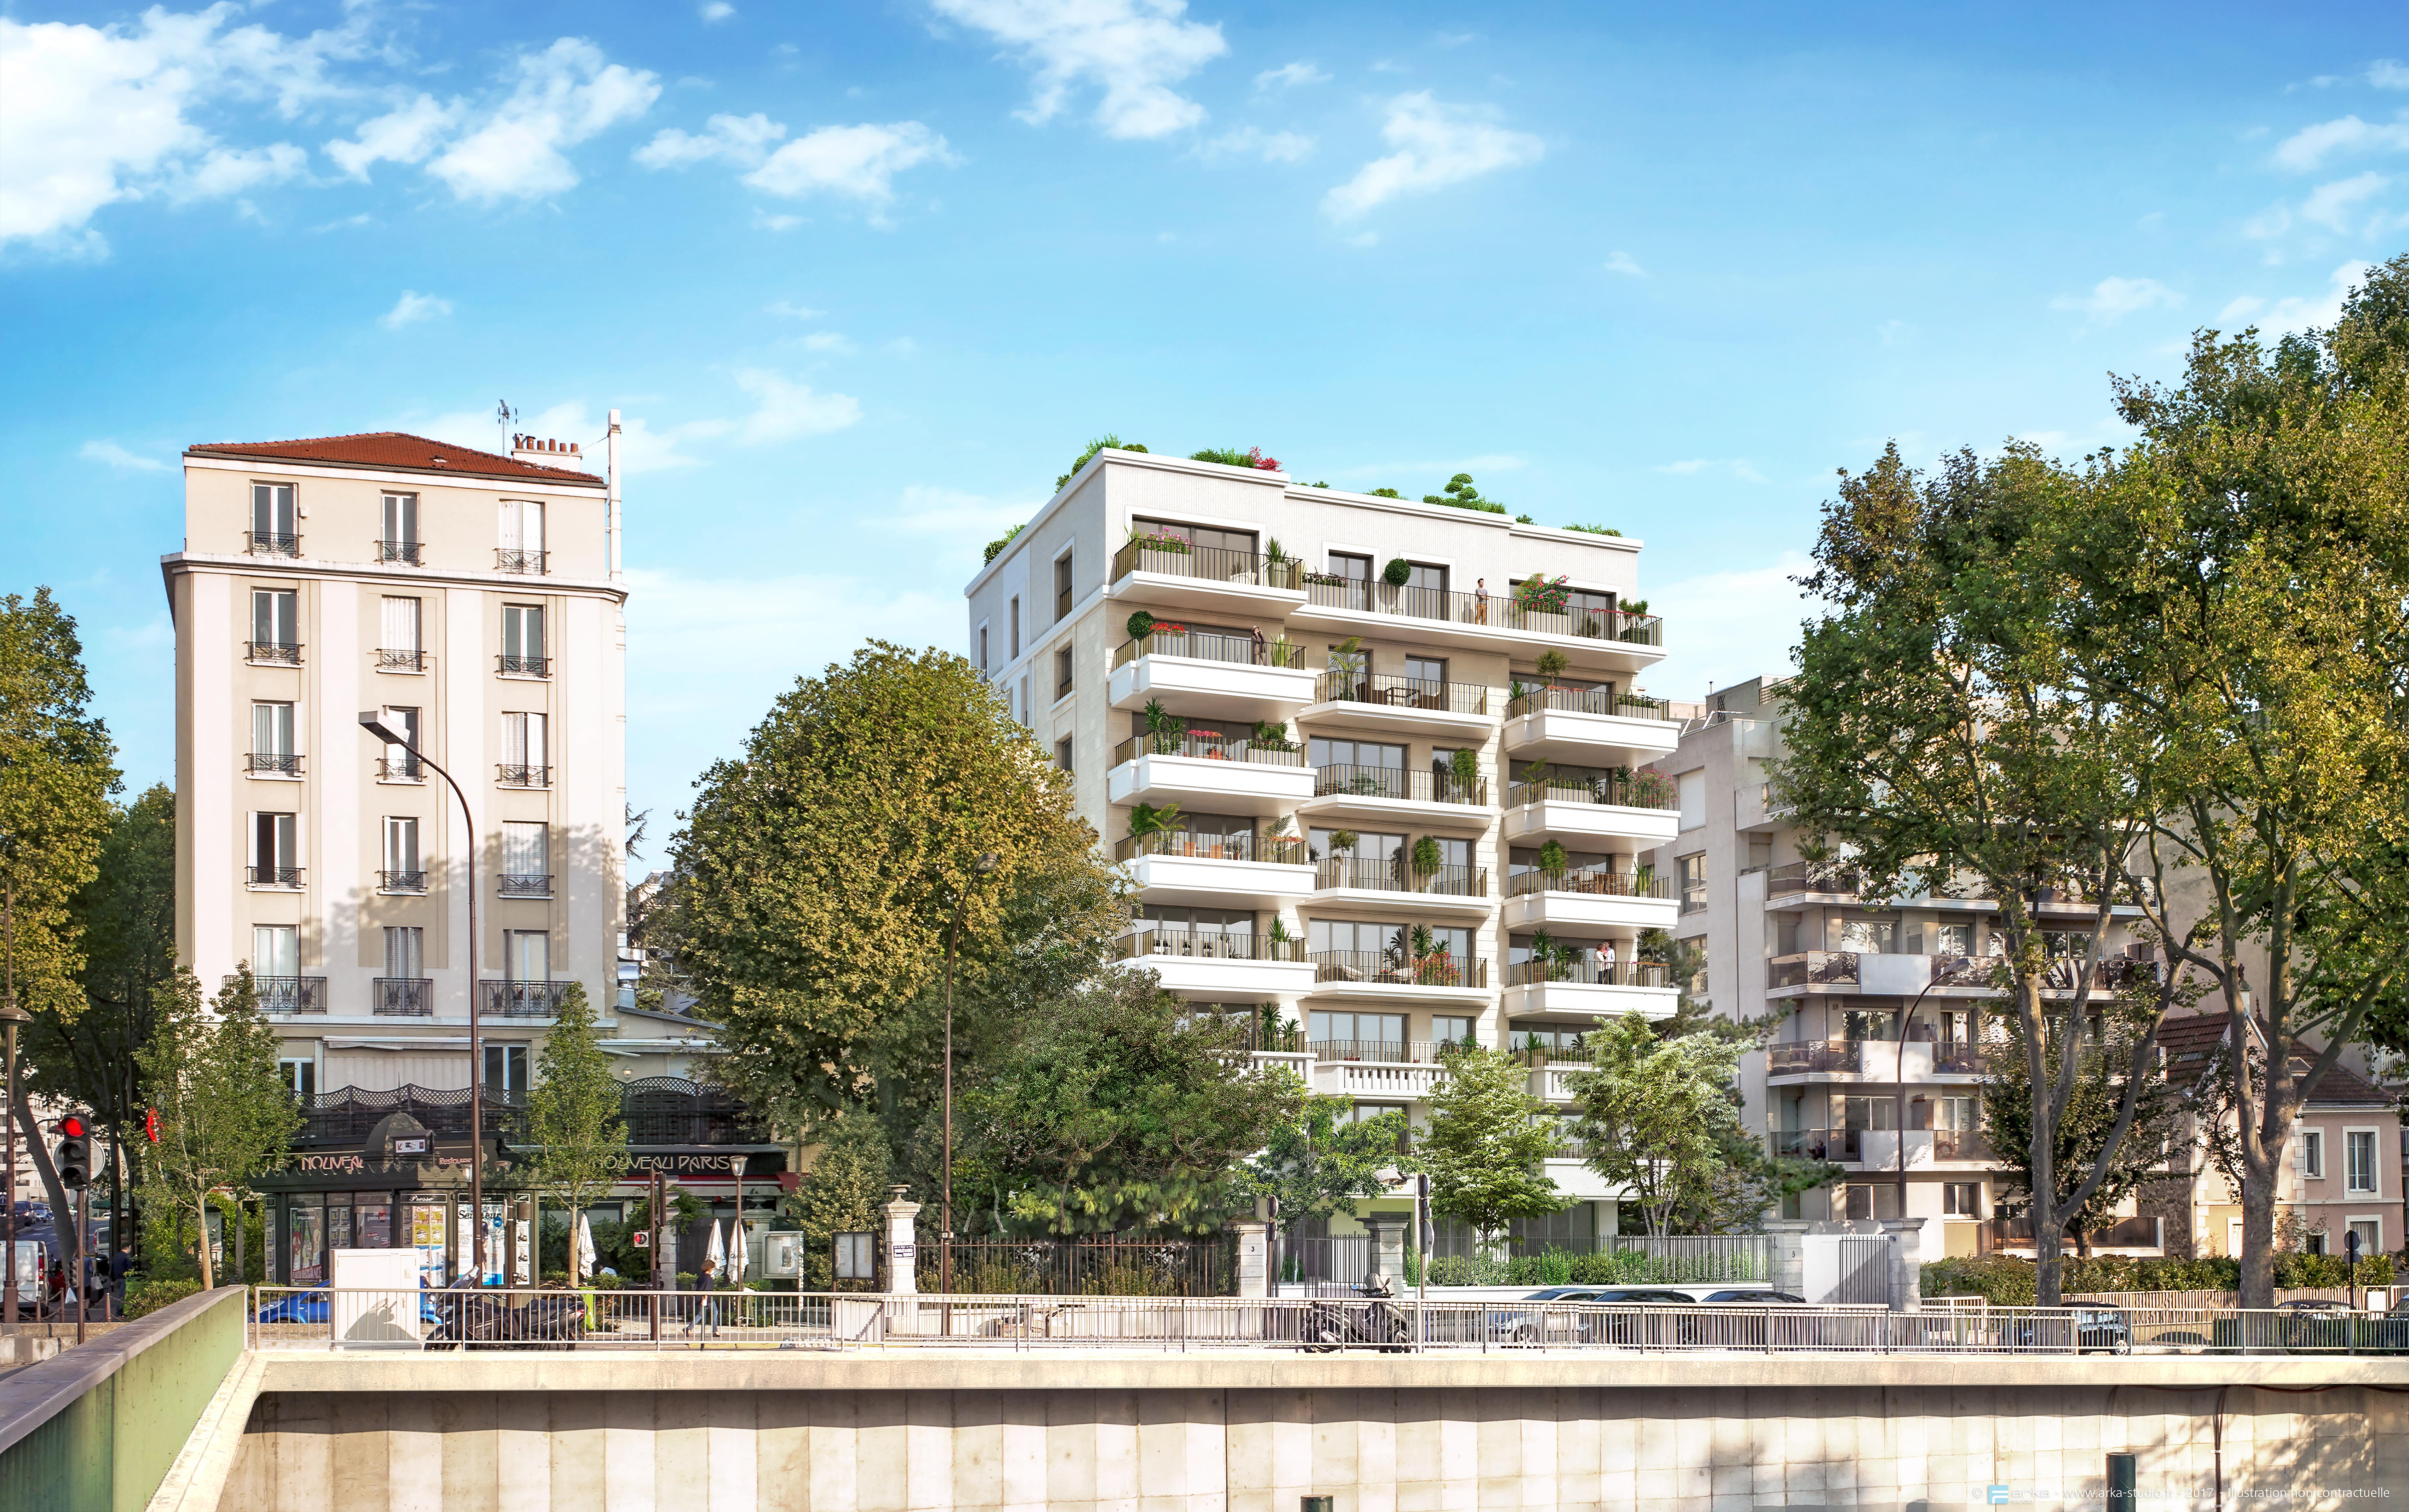 Achat-Vente-3 pièces-Ile-De-France-HAUTS DE SEINE-NEUILLY-SUR-SEINE